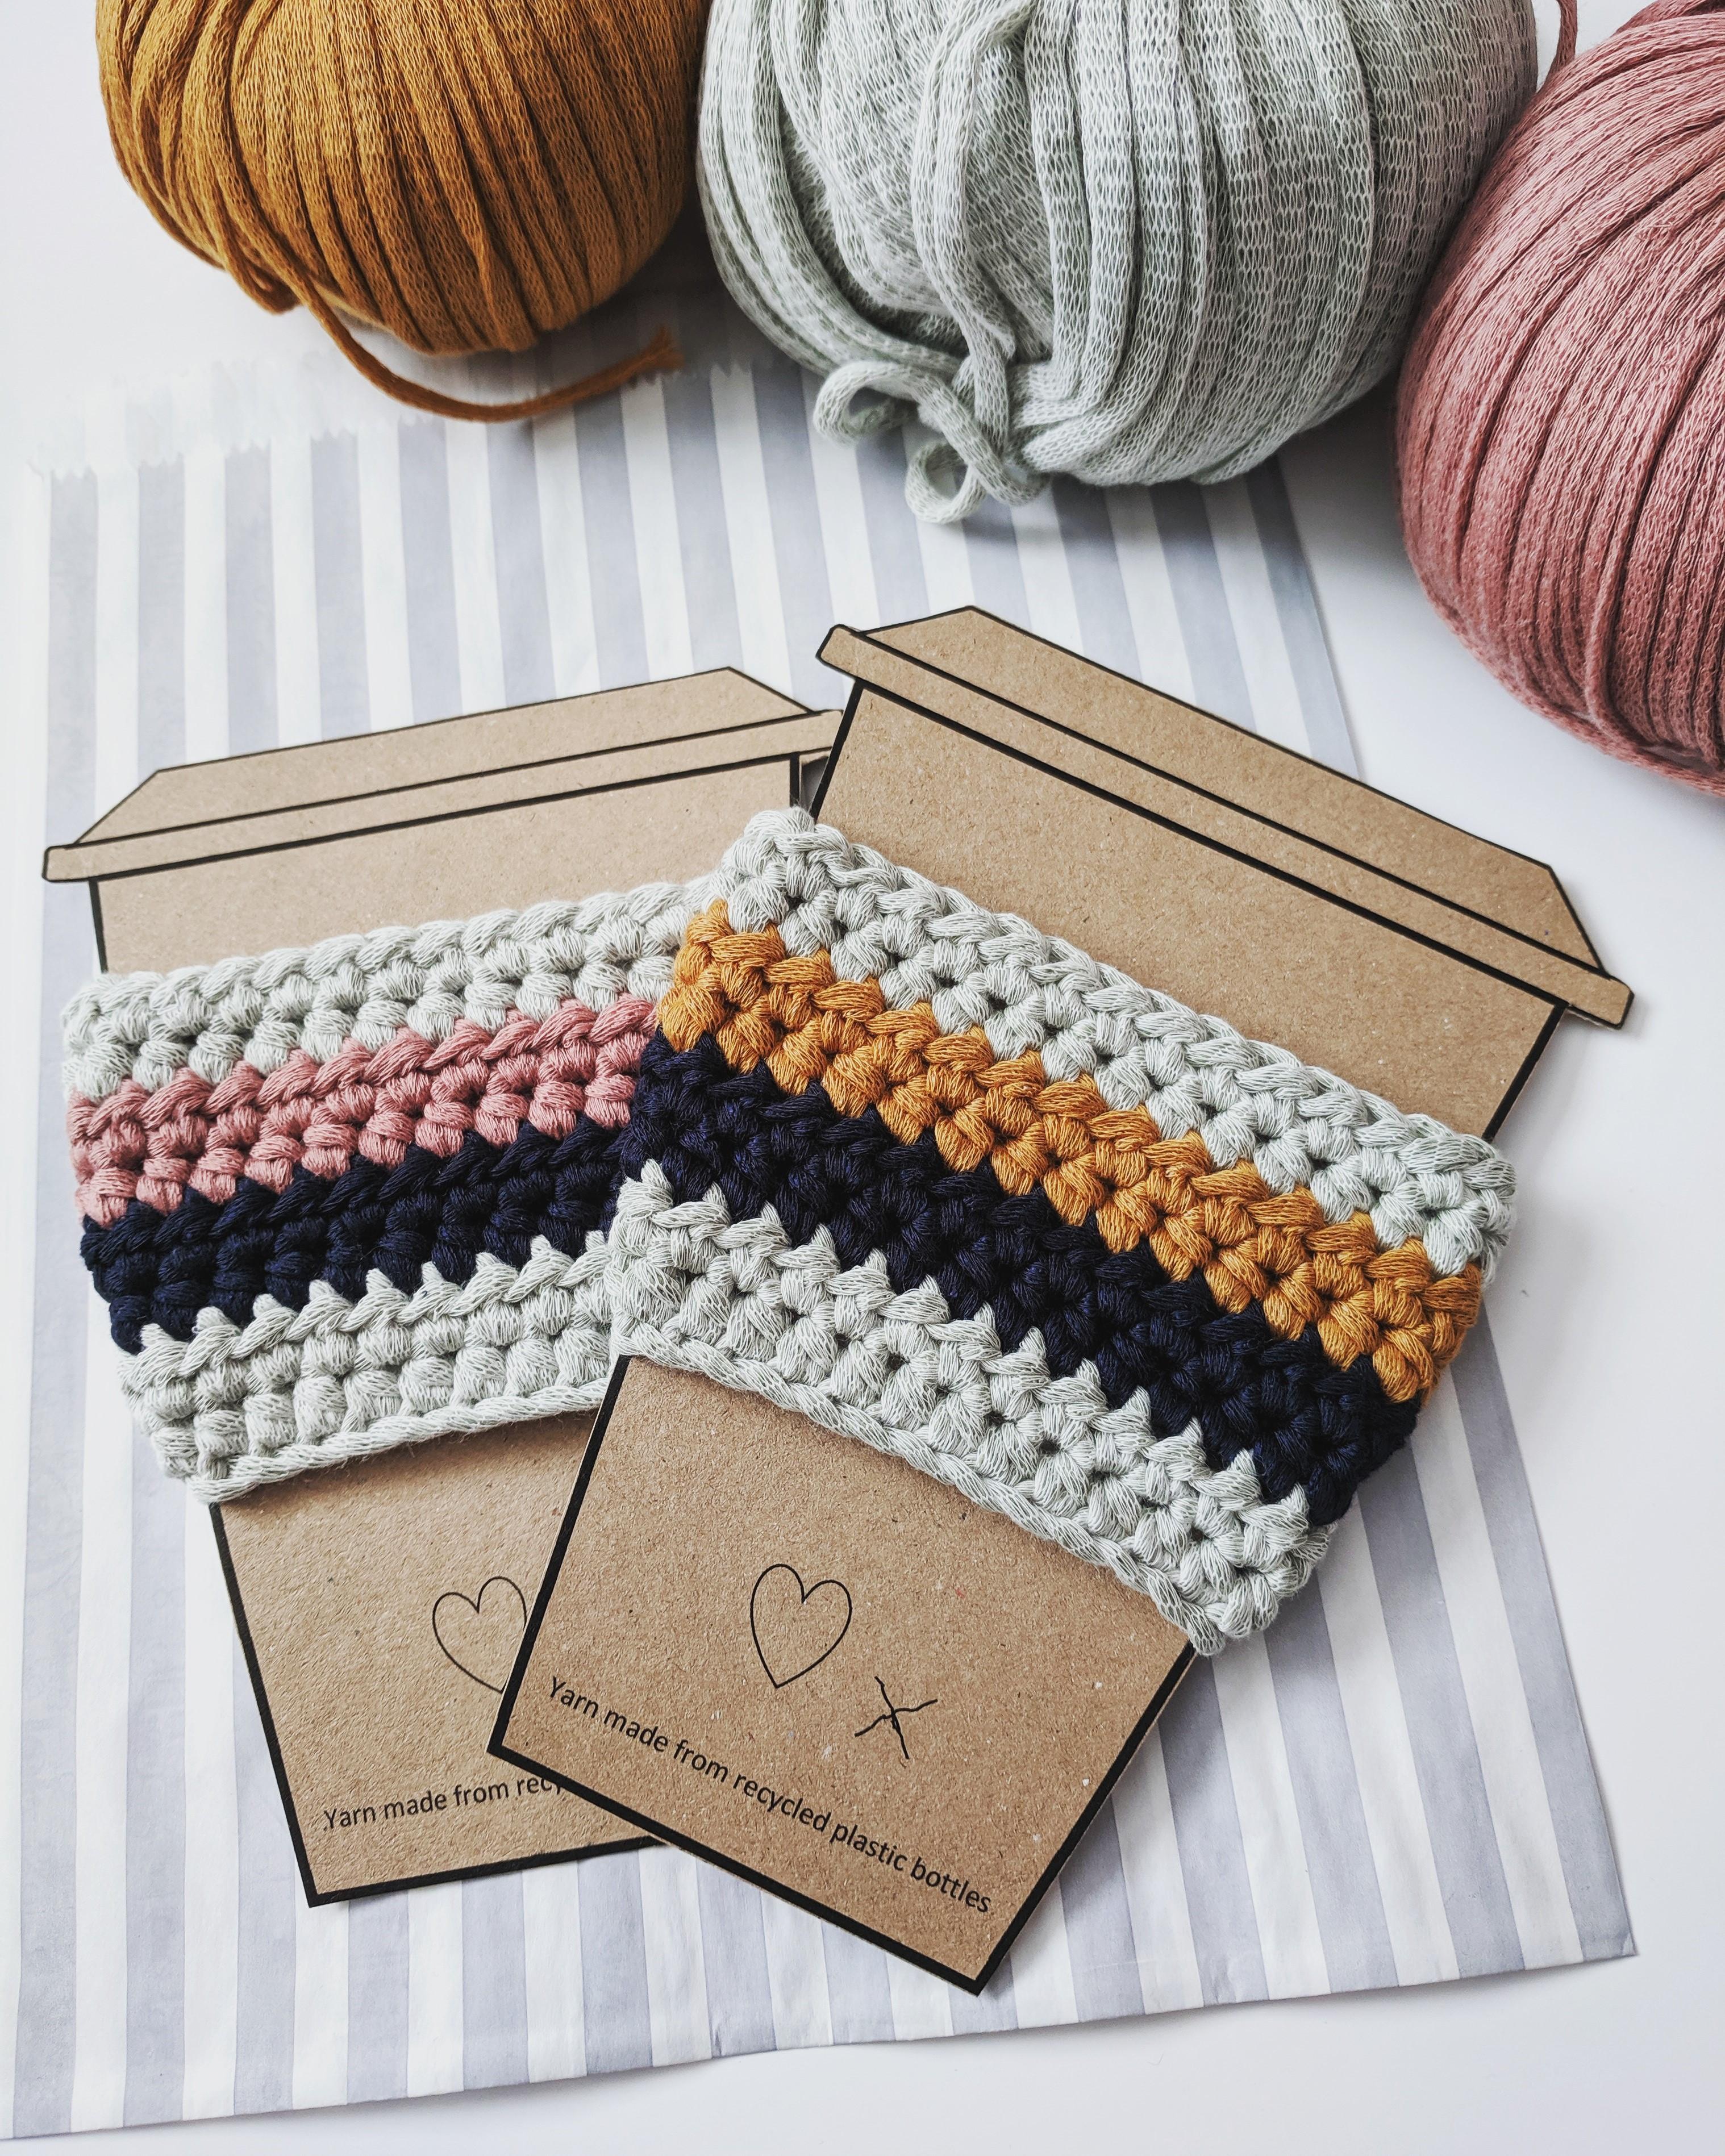 Summer Makers Market Crochet-a-long